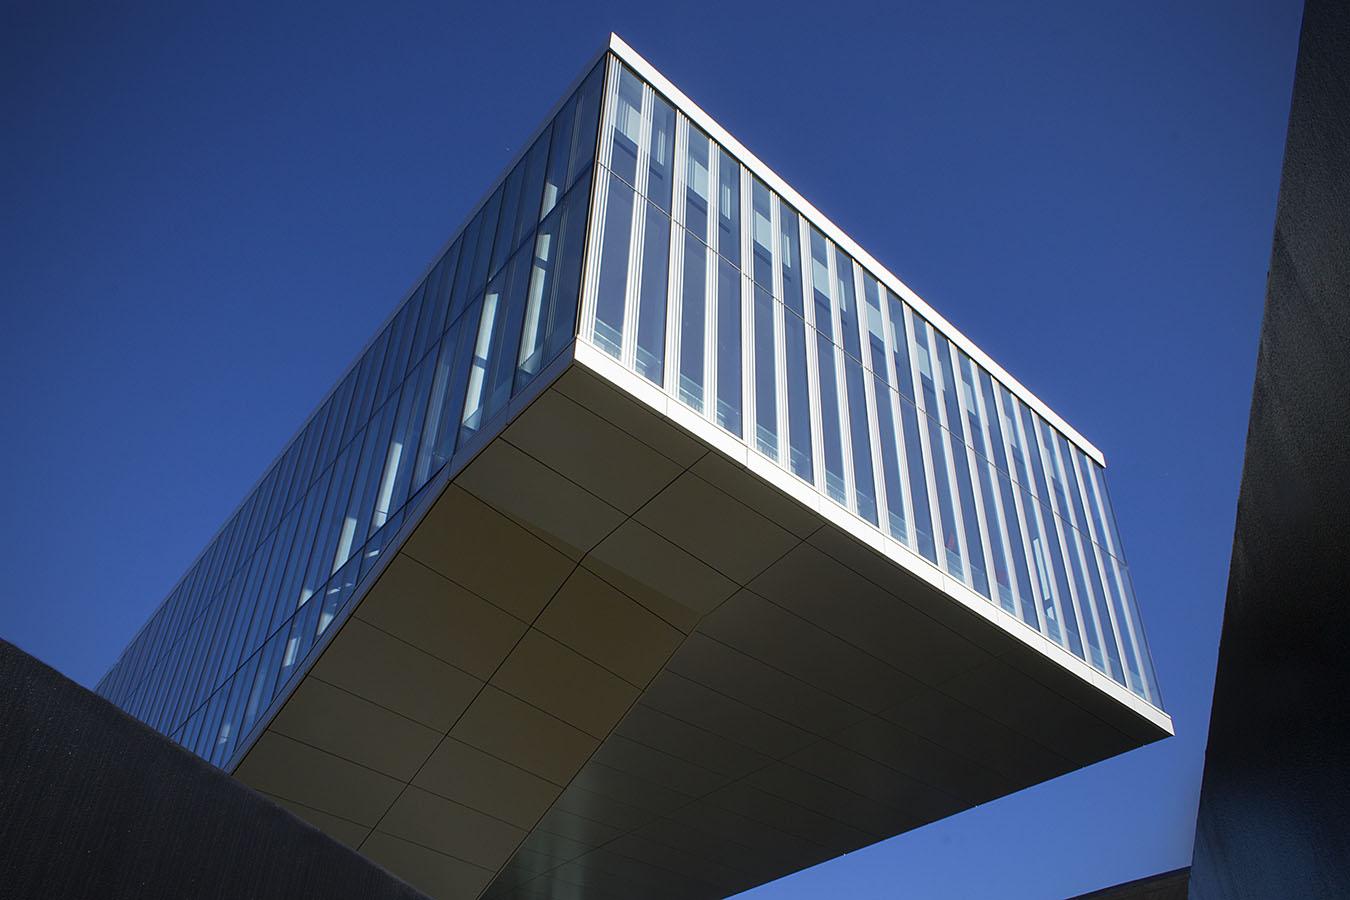 The Singh Center of Nanotechnology, Upenn